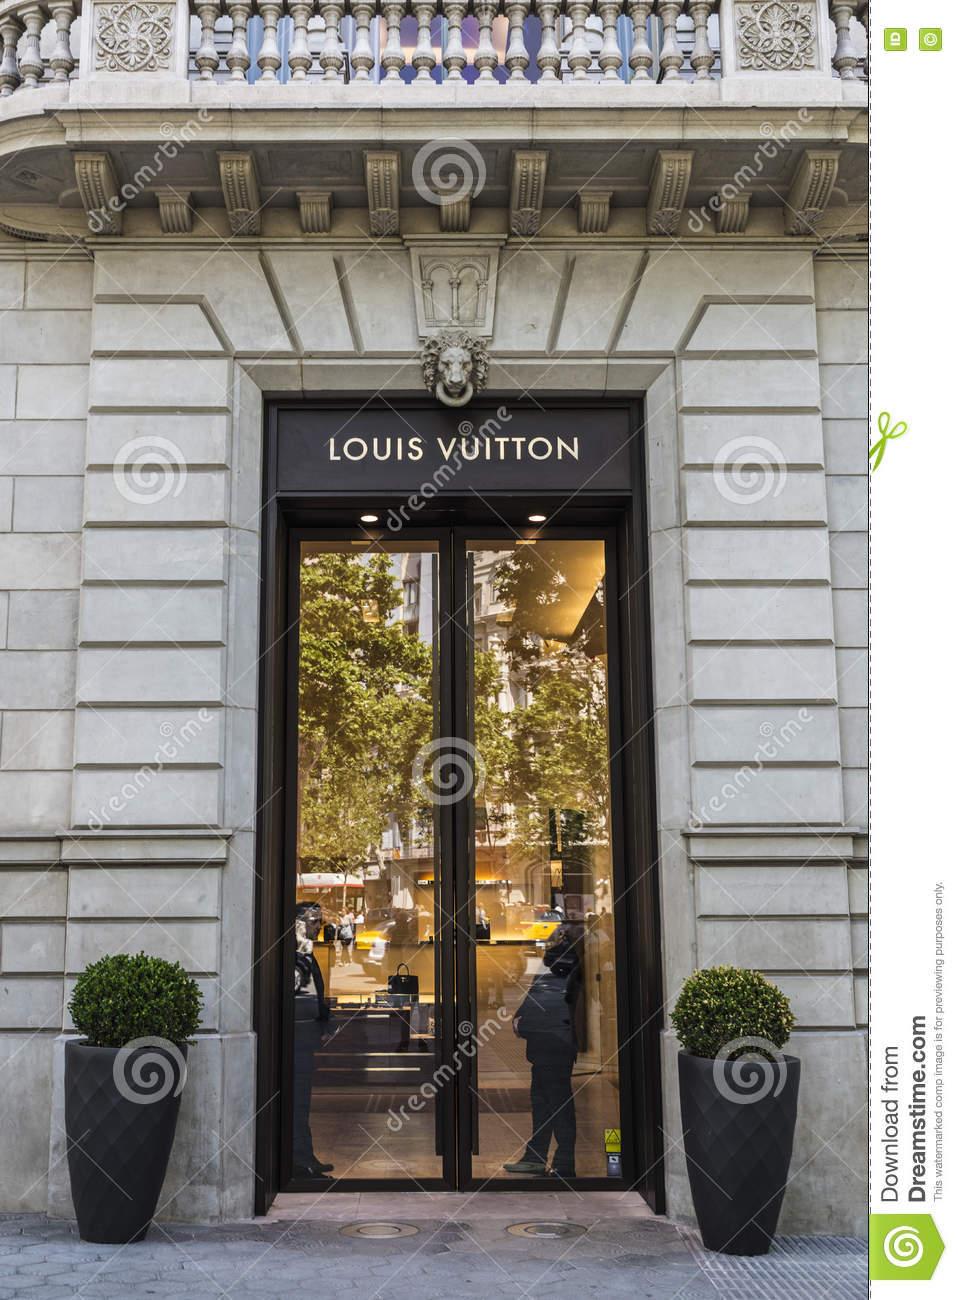 Louis Vuitton Barcelona Paseo de Gracia